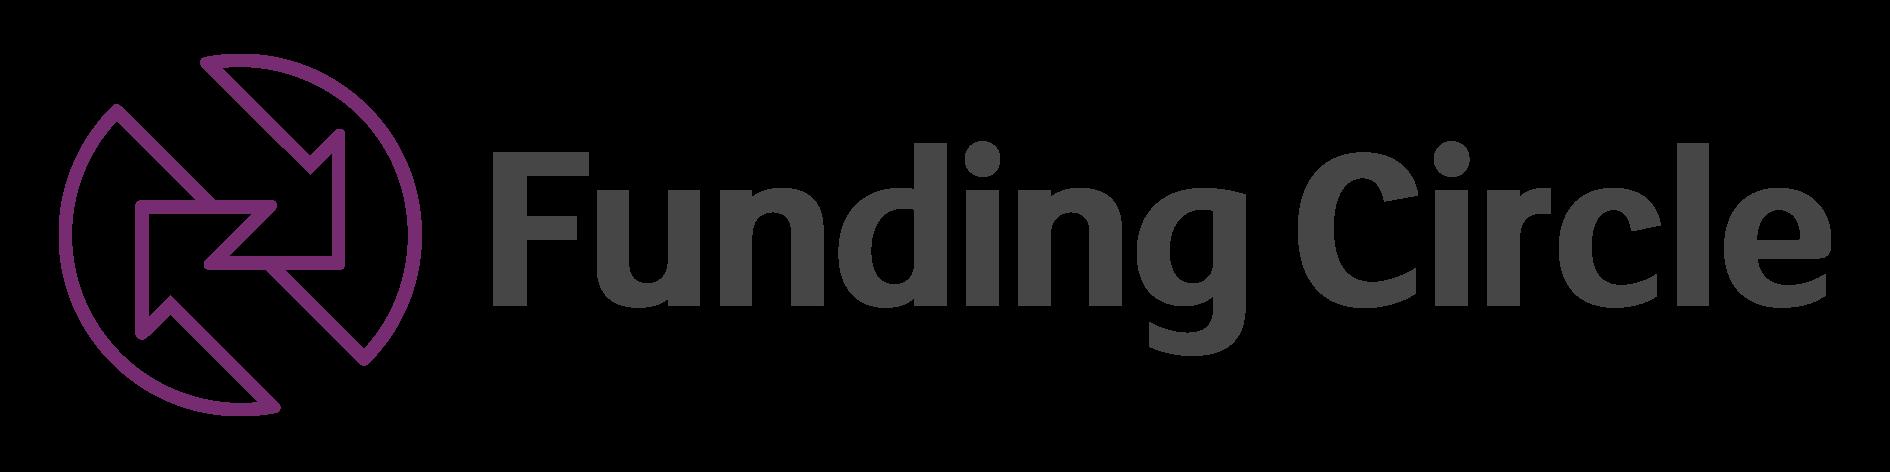 funding-circle